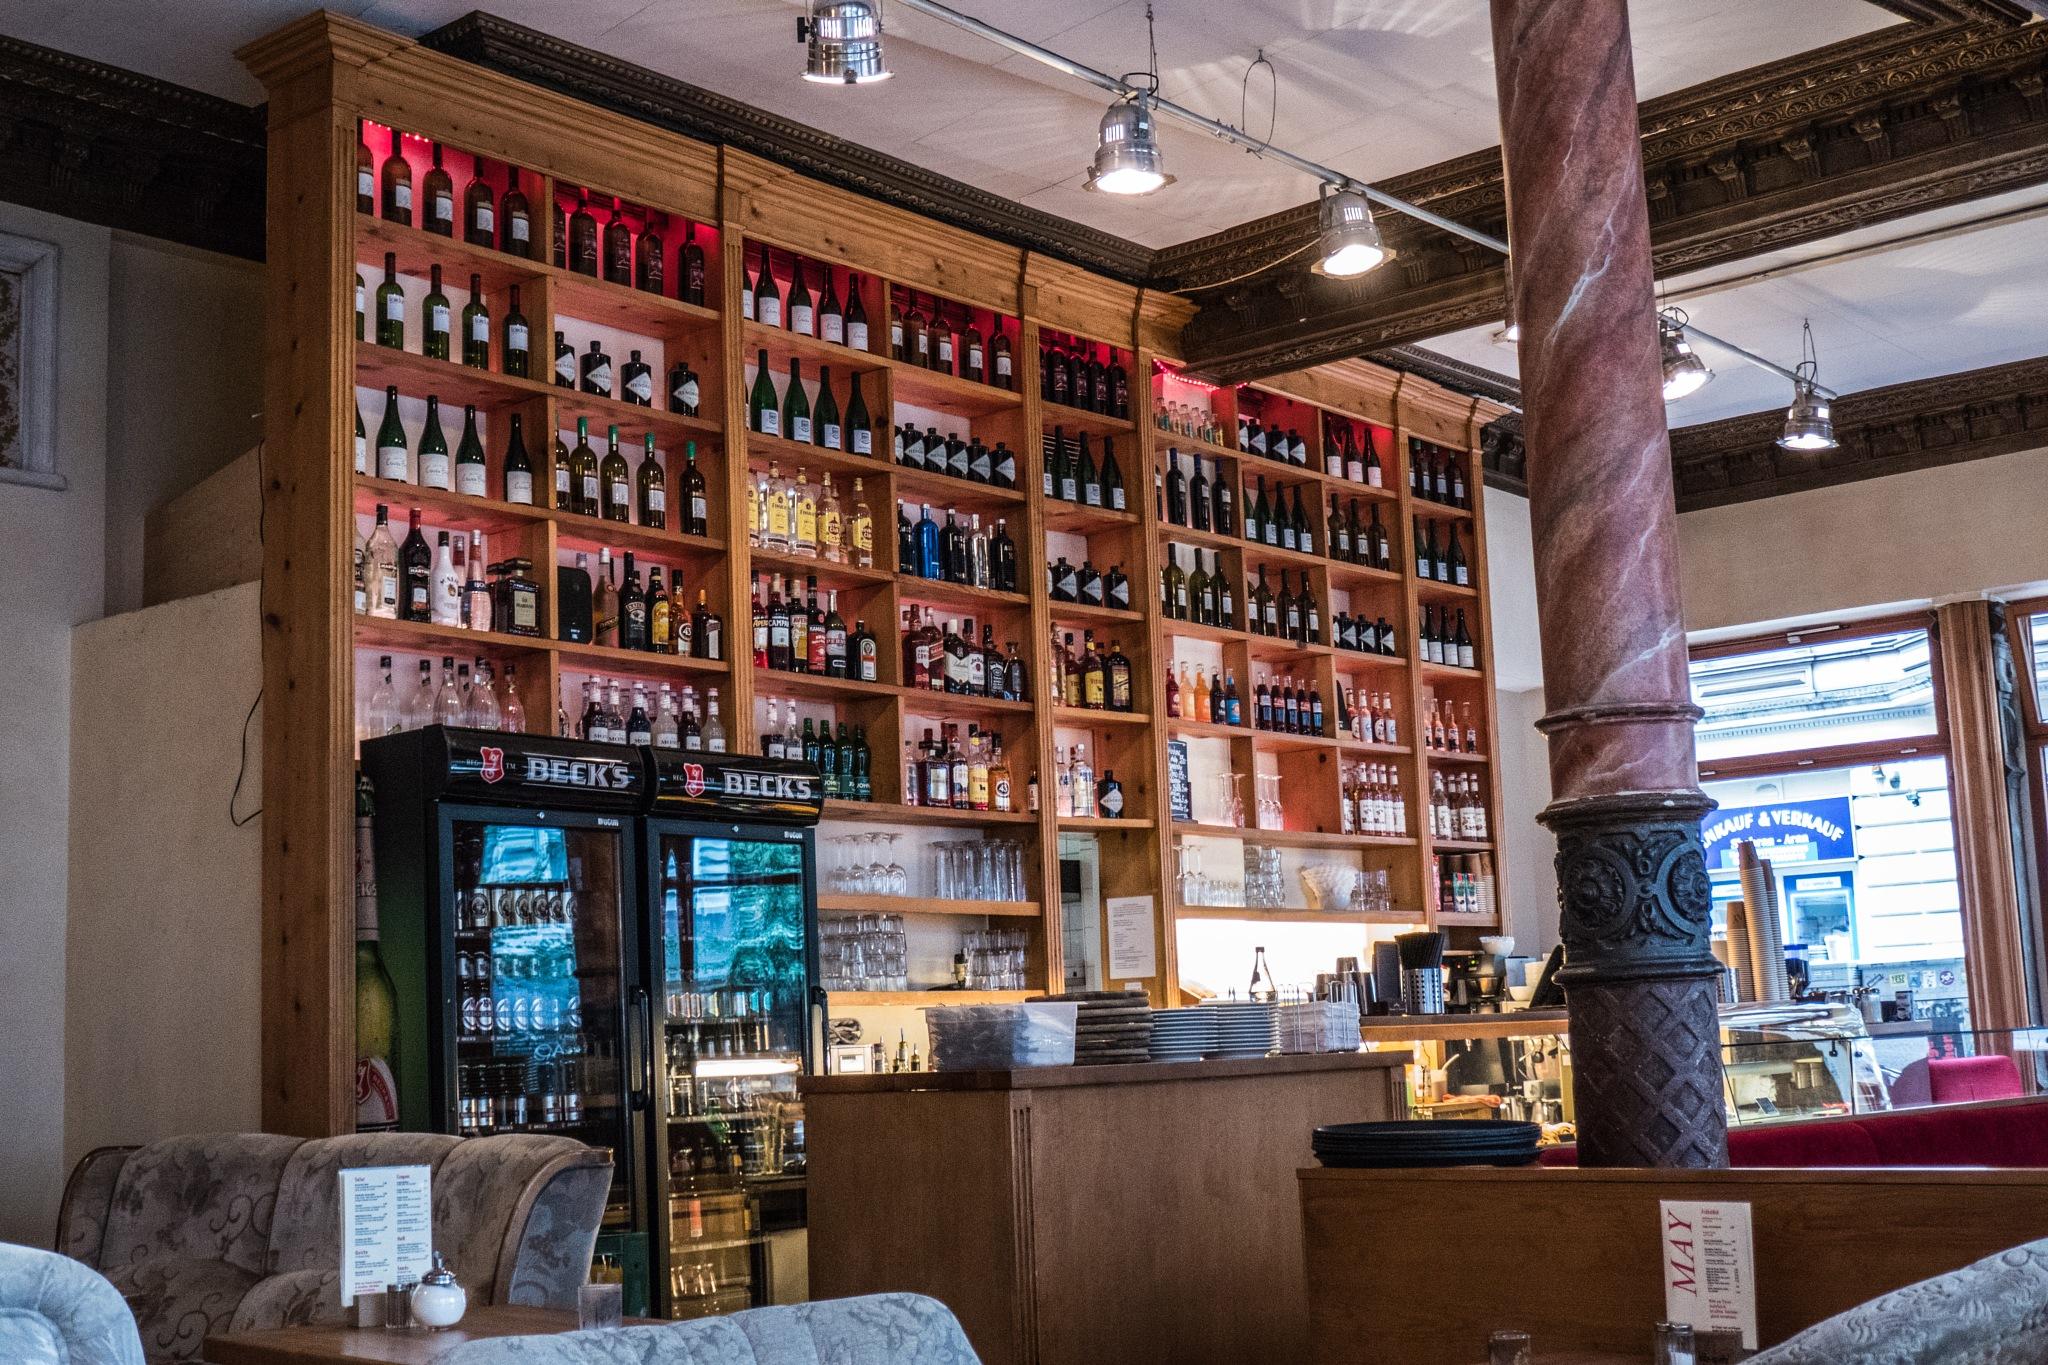 Restaurant Interieur by Hansjuerg Buehler